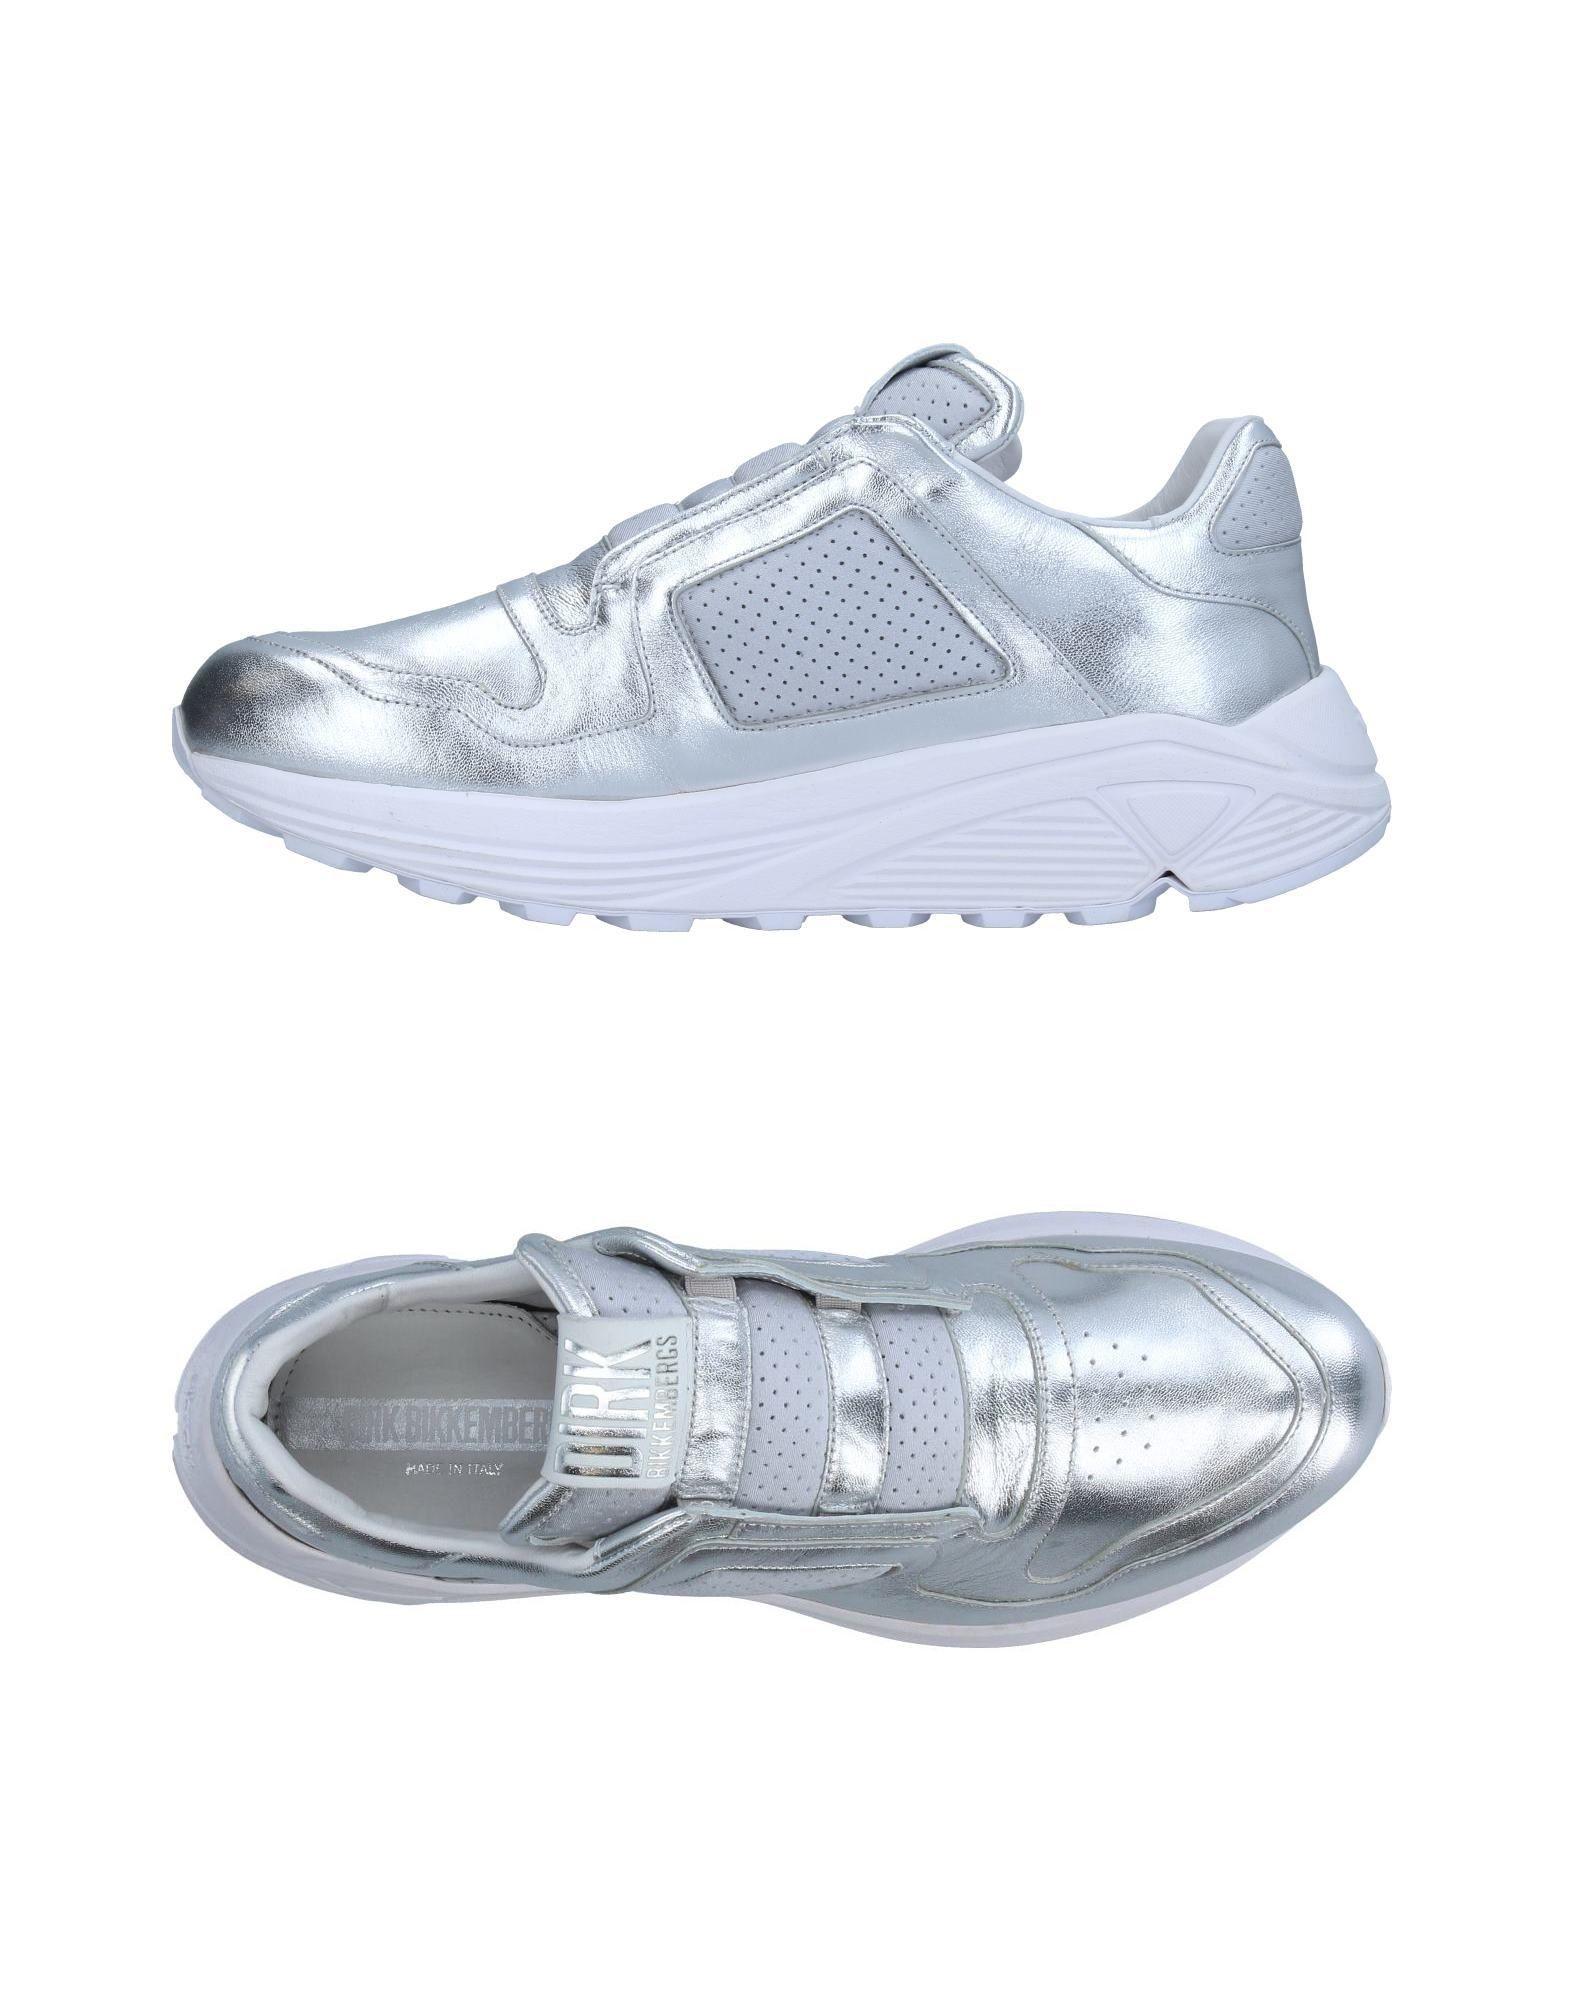 Dirk Bikkembergs Sneakers Herren beliebte  11332302RN Gute Qualität beliebte Herren Schuhe d8f775